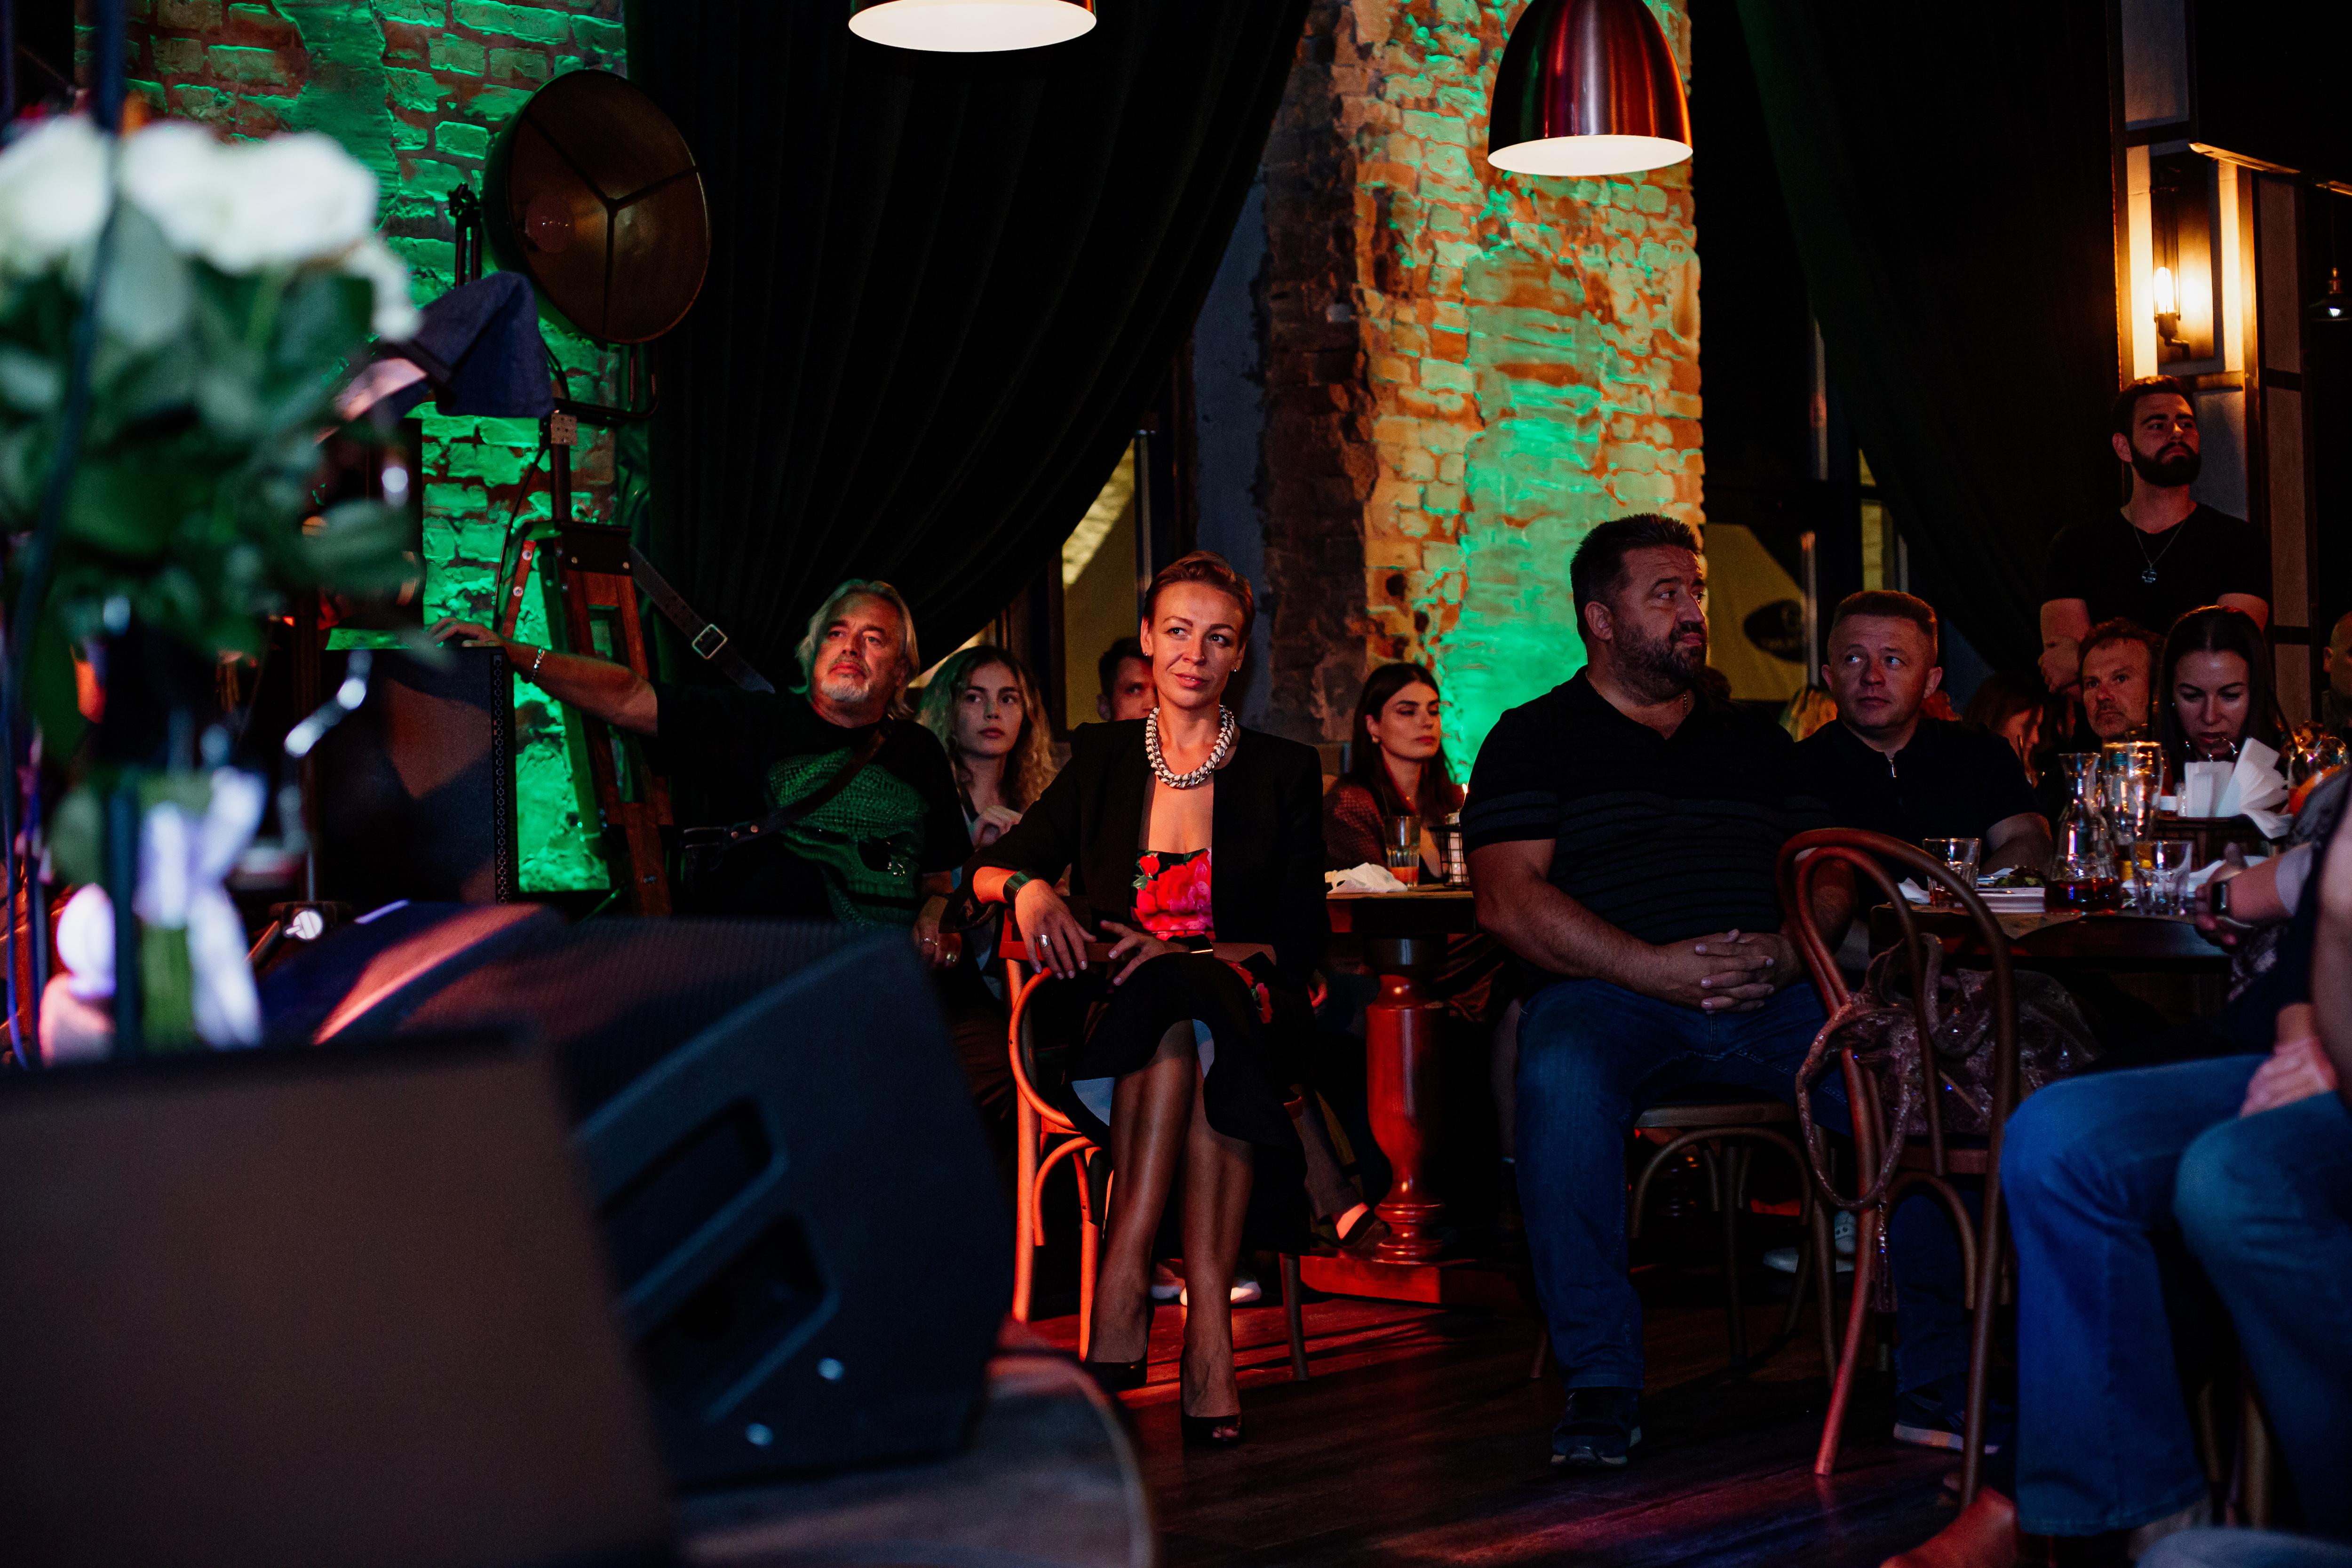 18вересня вКиєві відбувся концерт легендарного гурту «Акваріум» 9